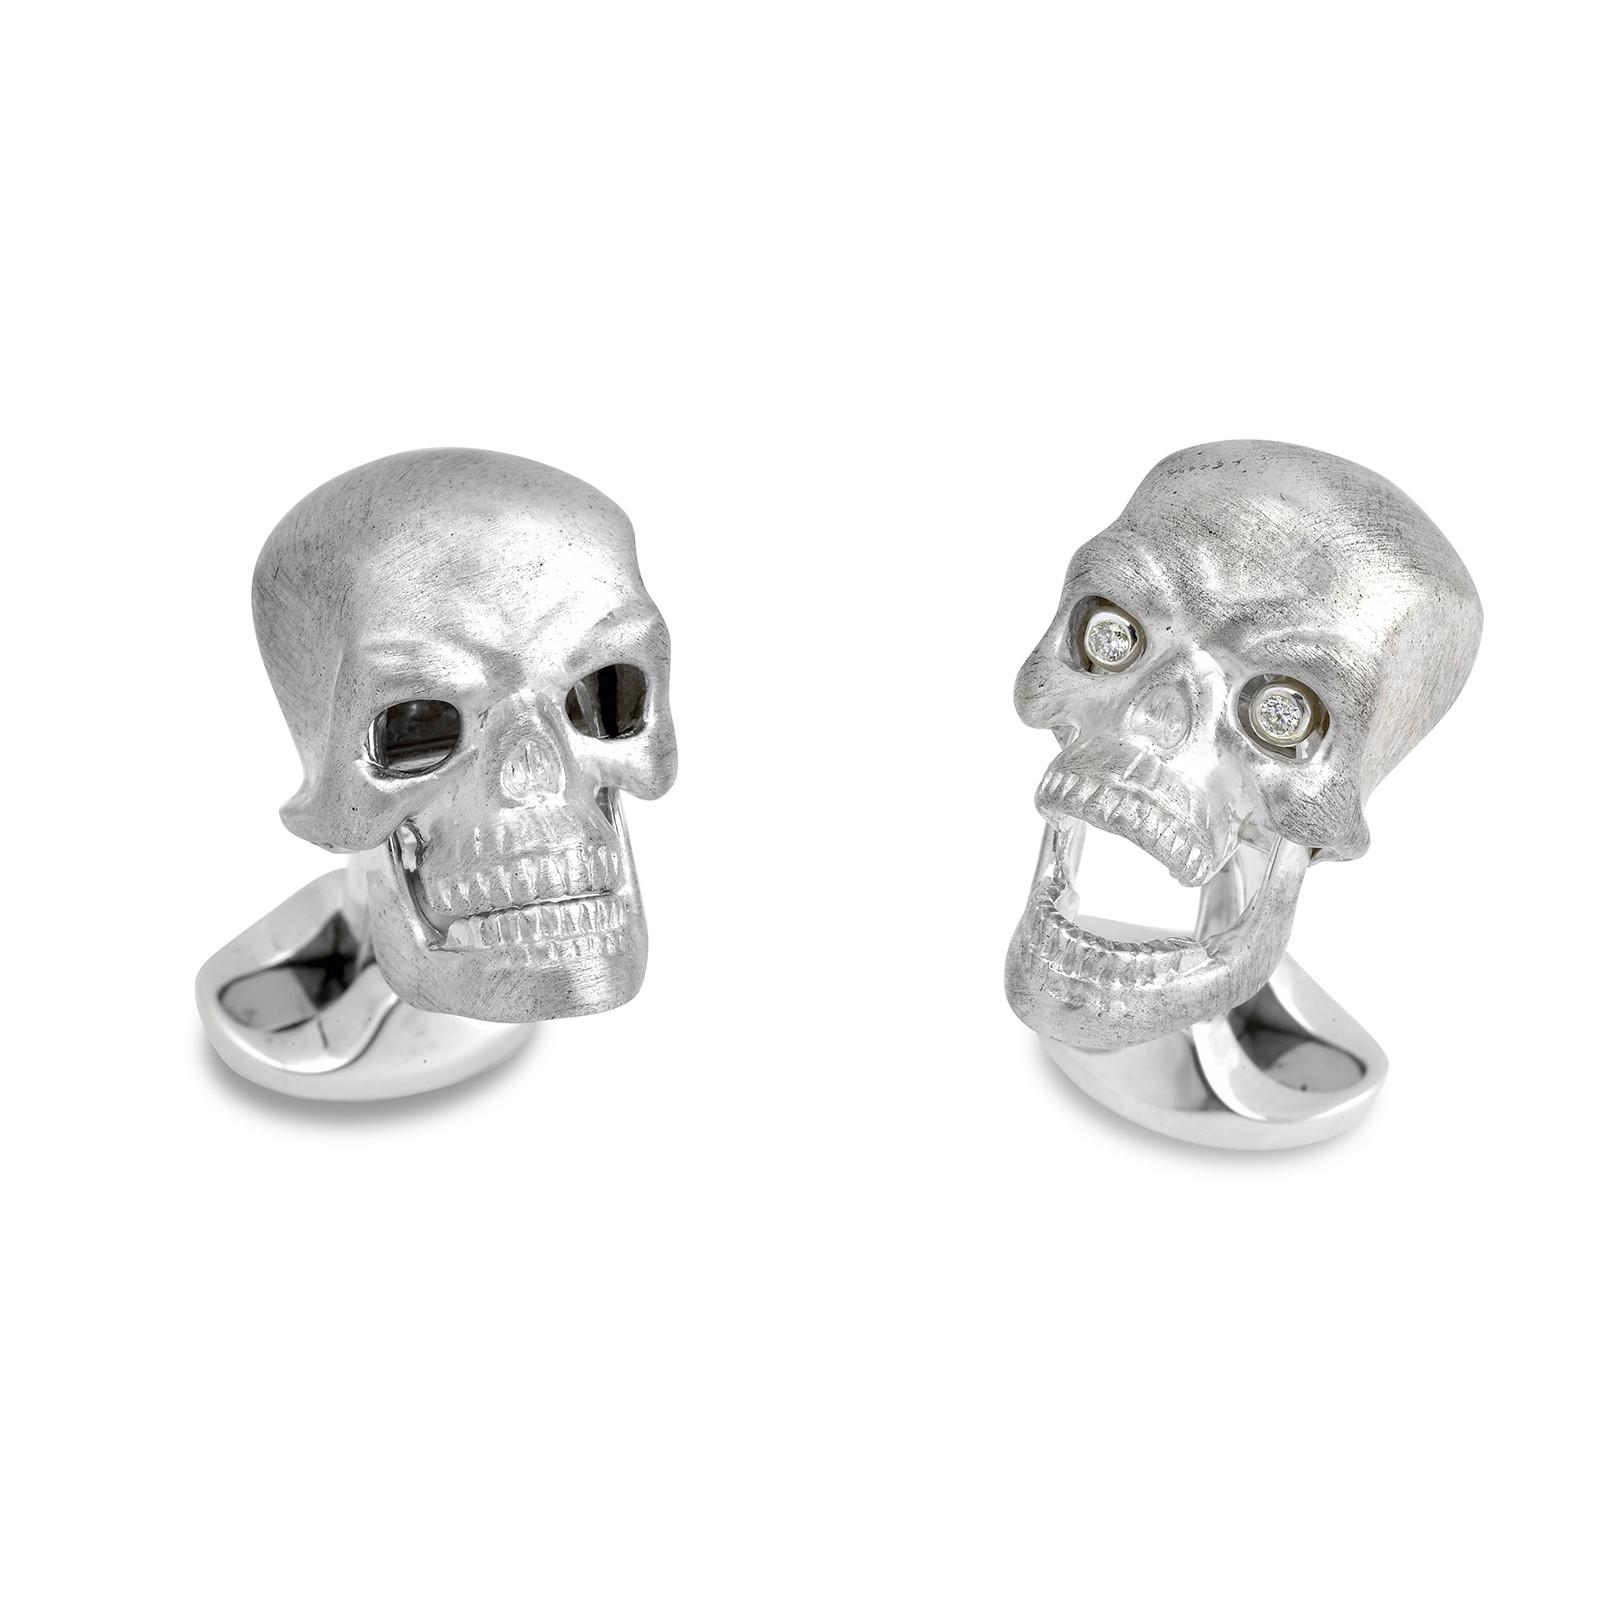 New Deakin & Francis Skull Cufflinks